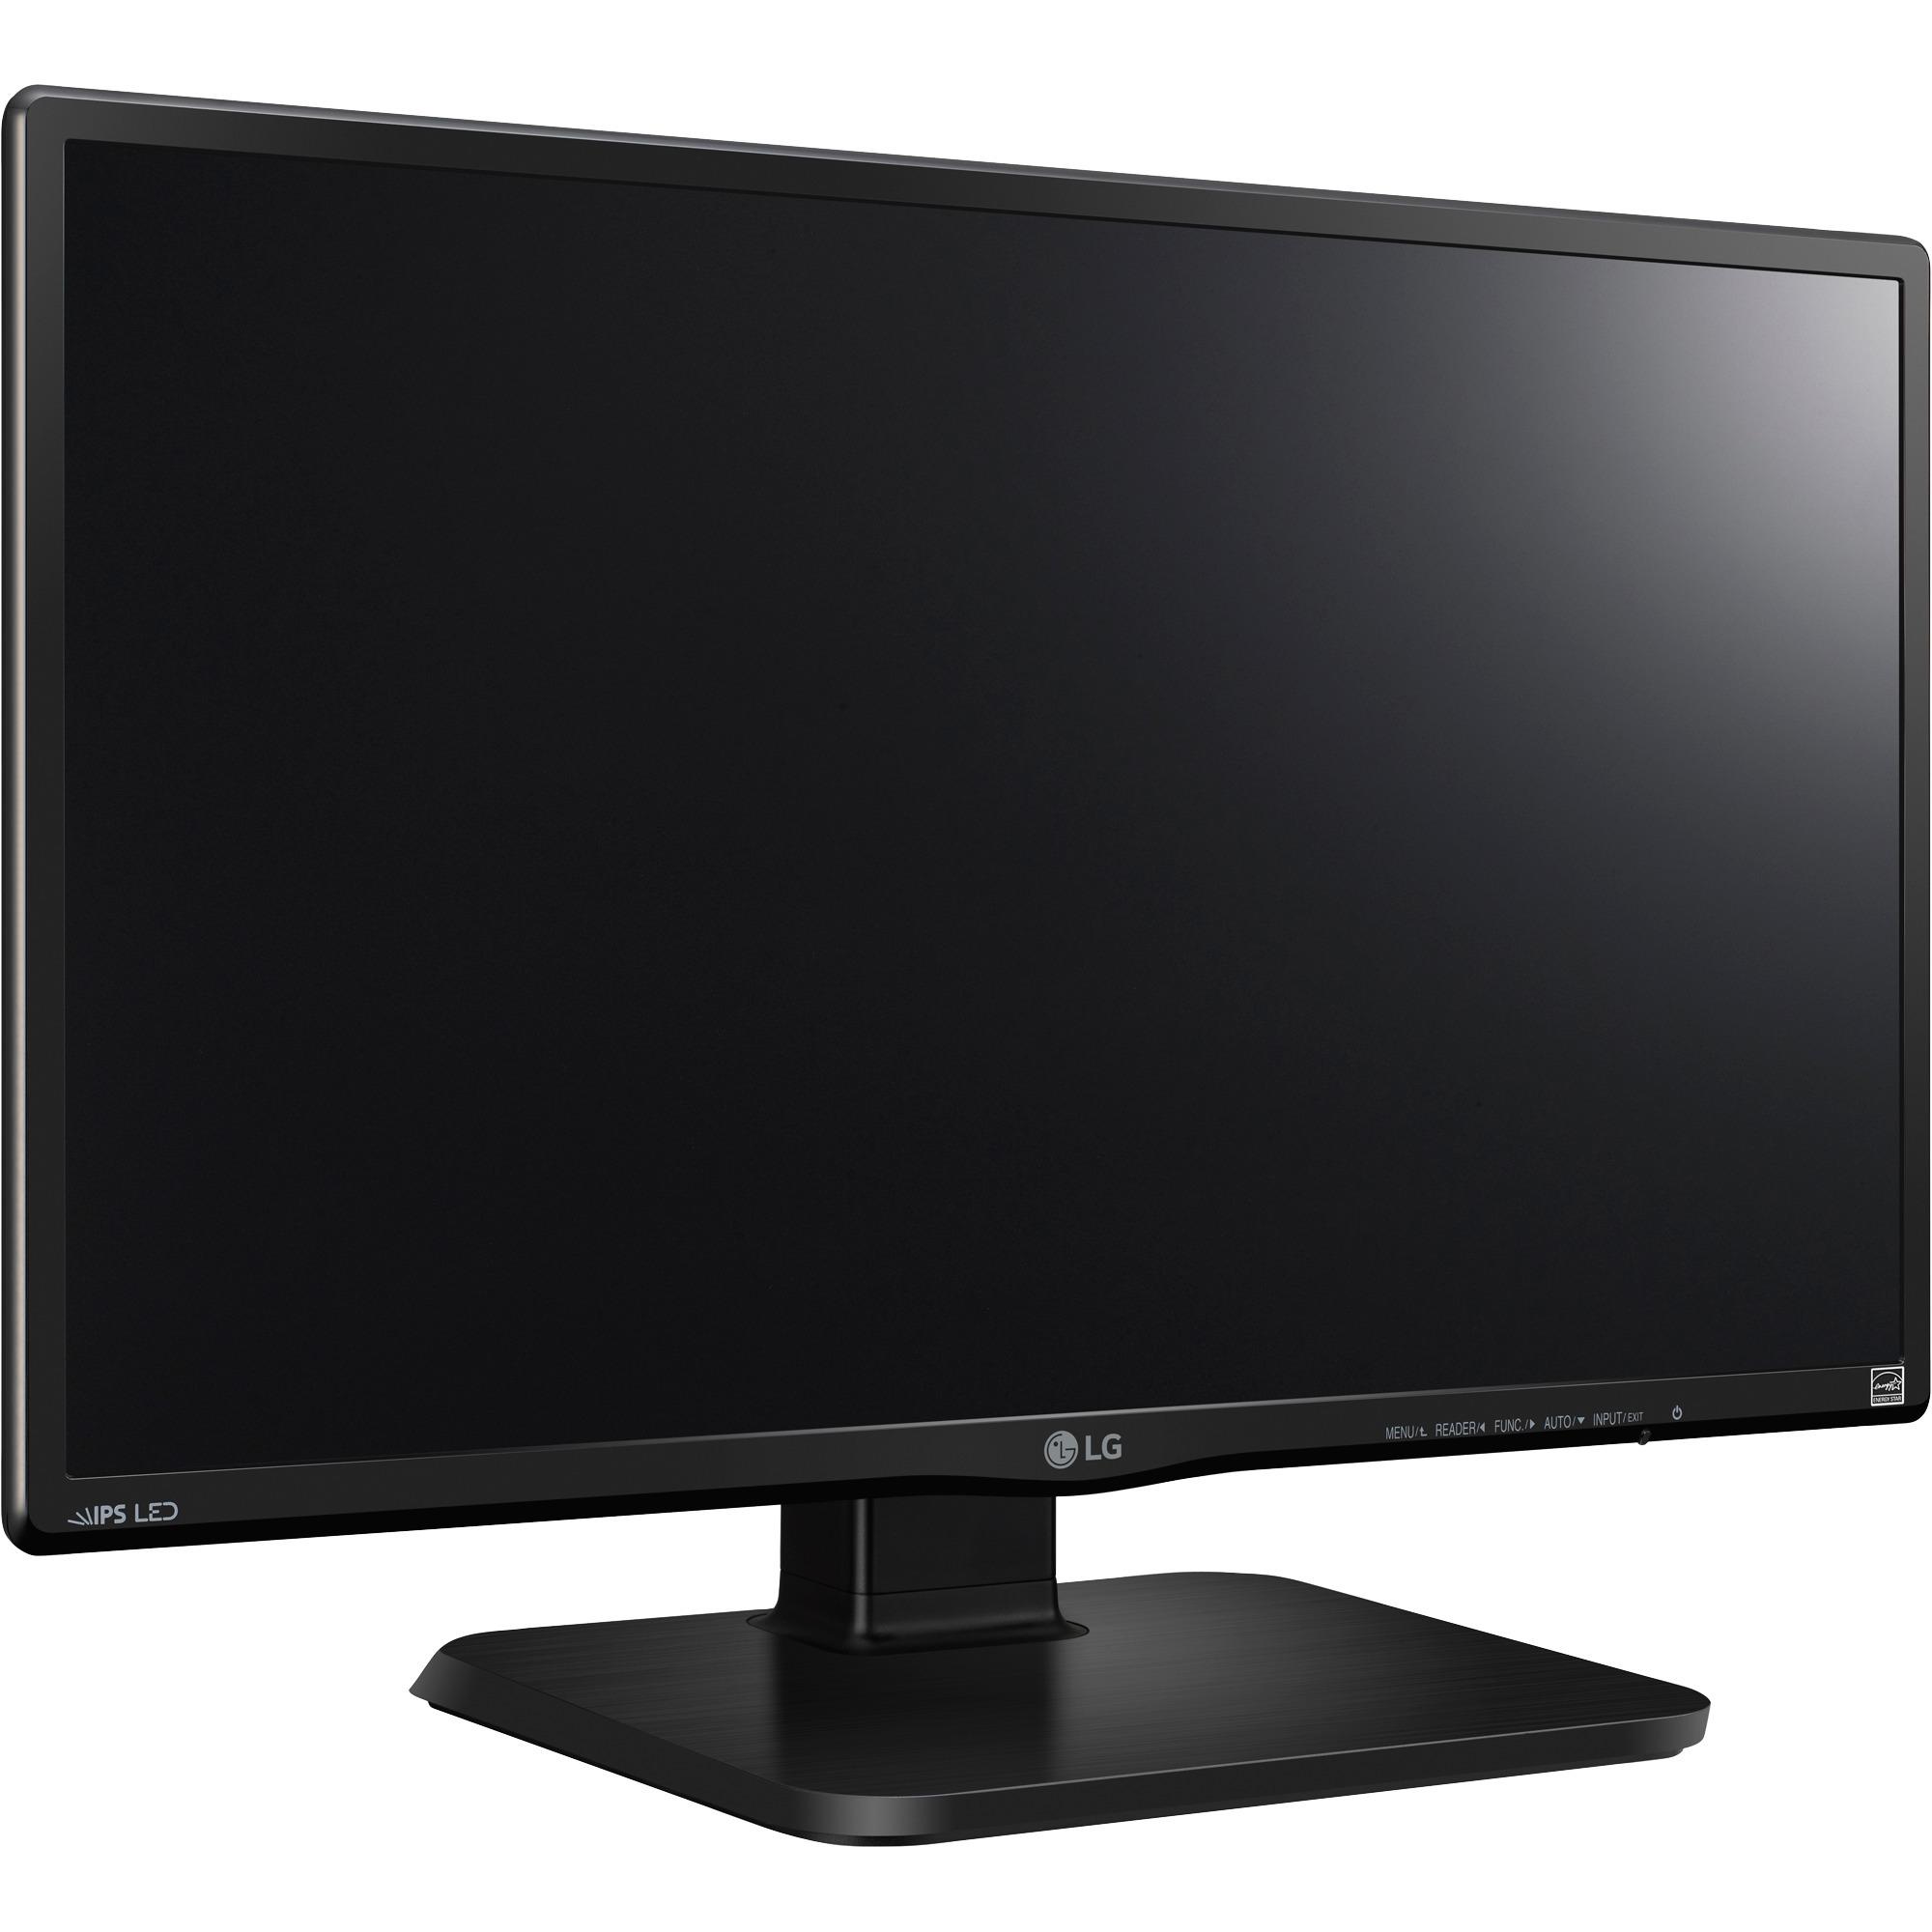 """24BK450H pantalla para PC 60,5 cm (23.8"""") Full HD LCD Negro, Monitor LED"""